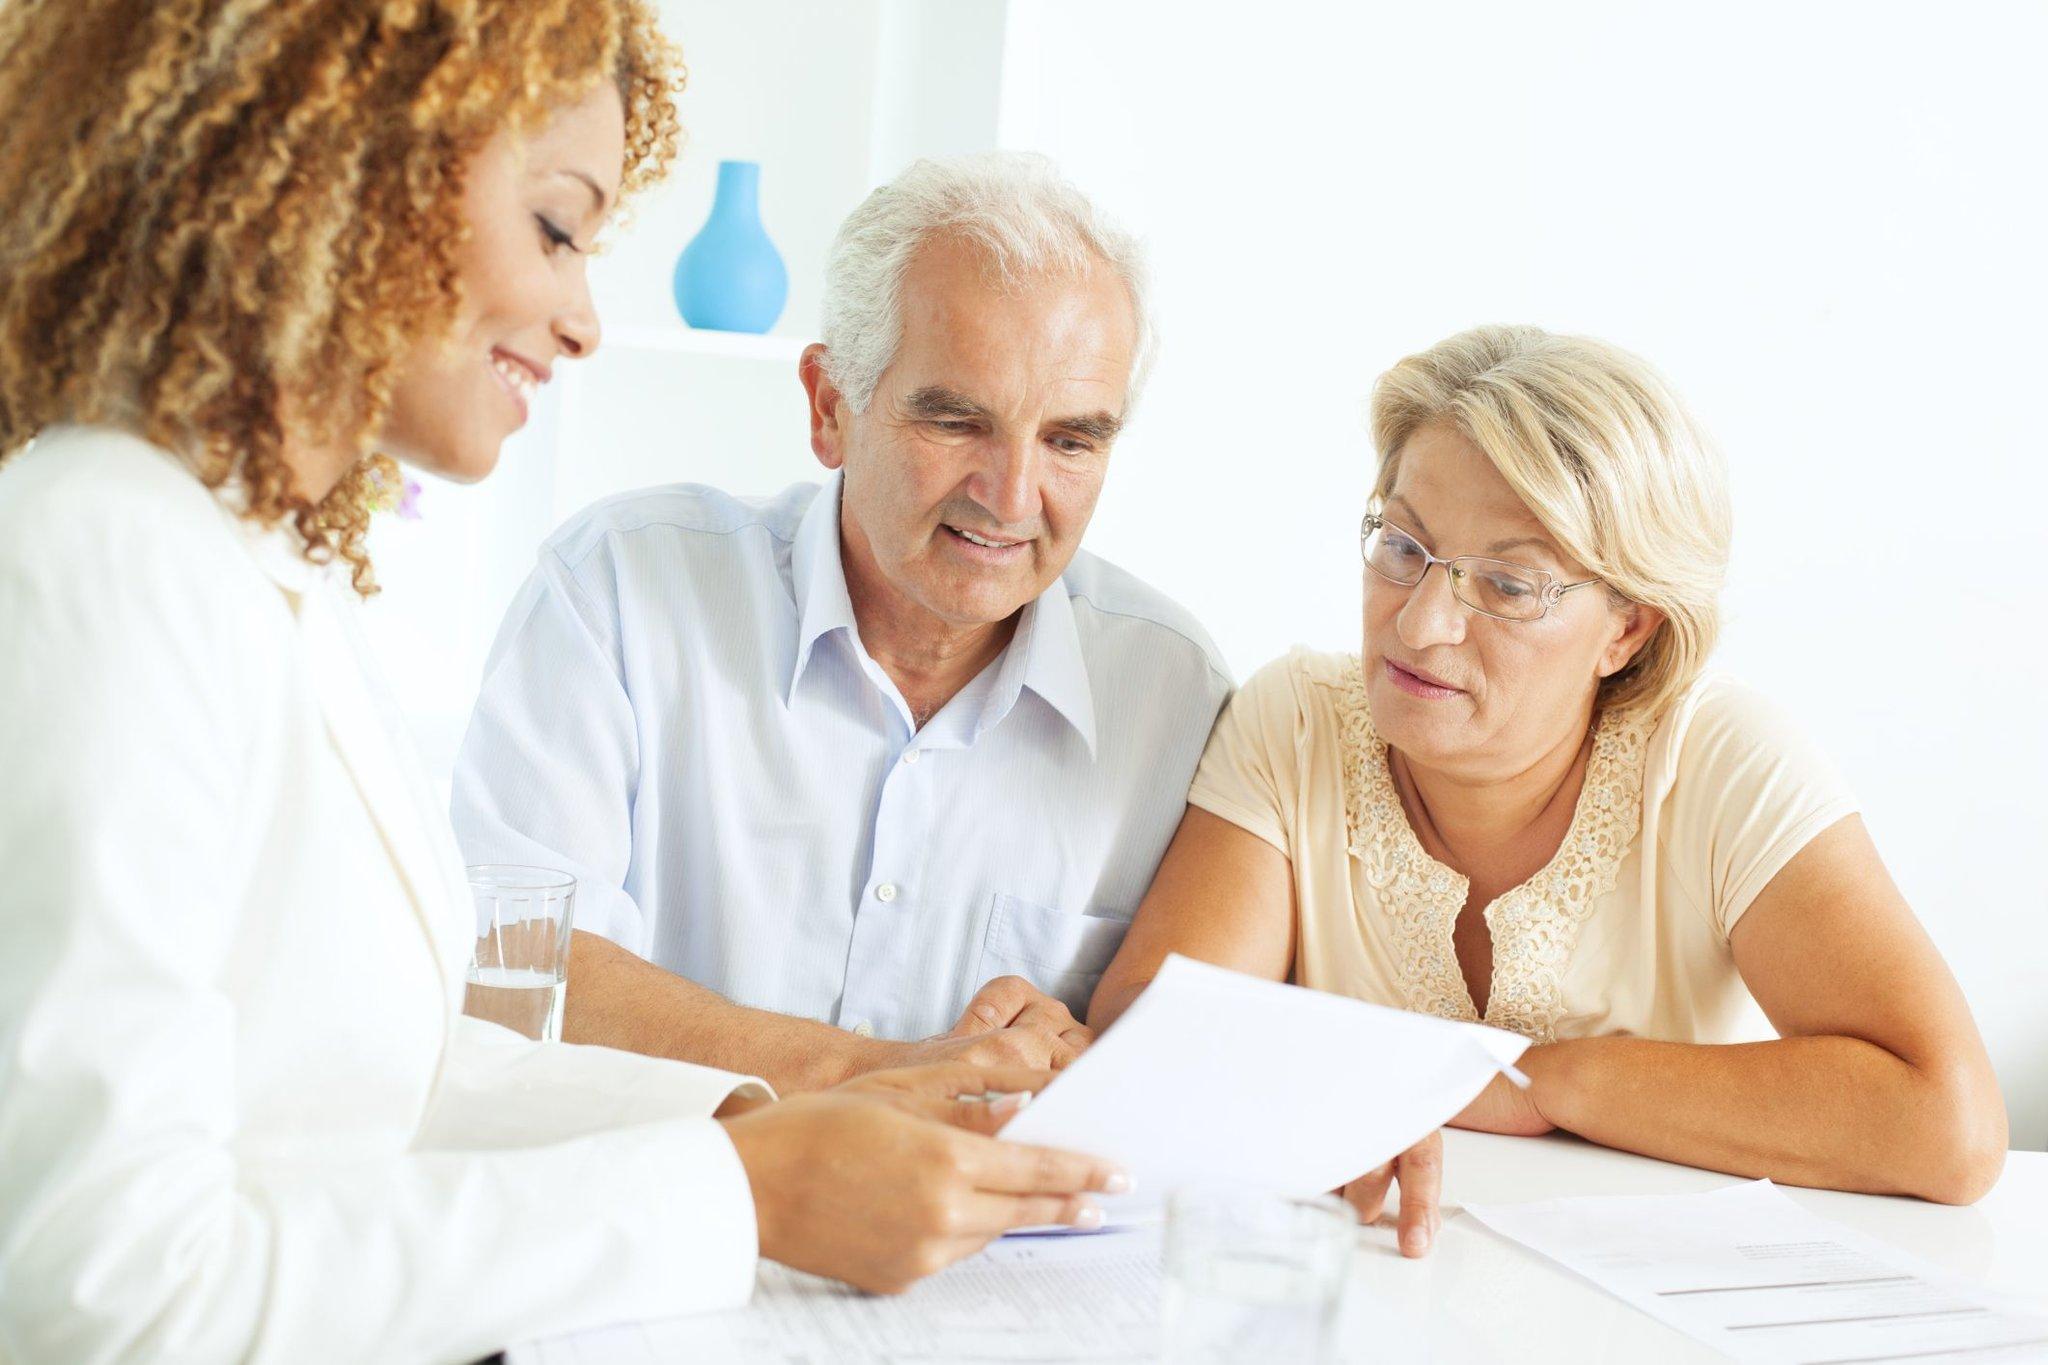 Кредиты пенсионерам в 2018 году